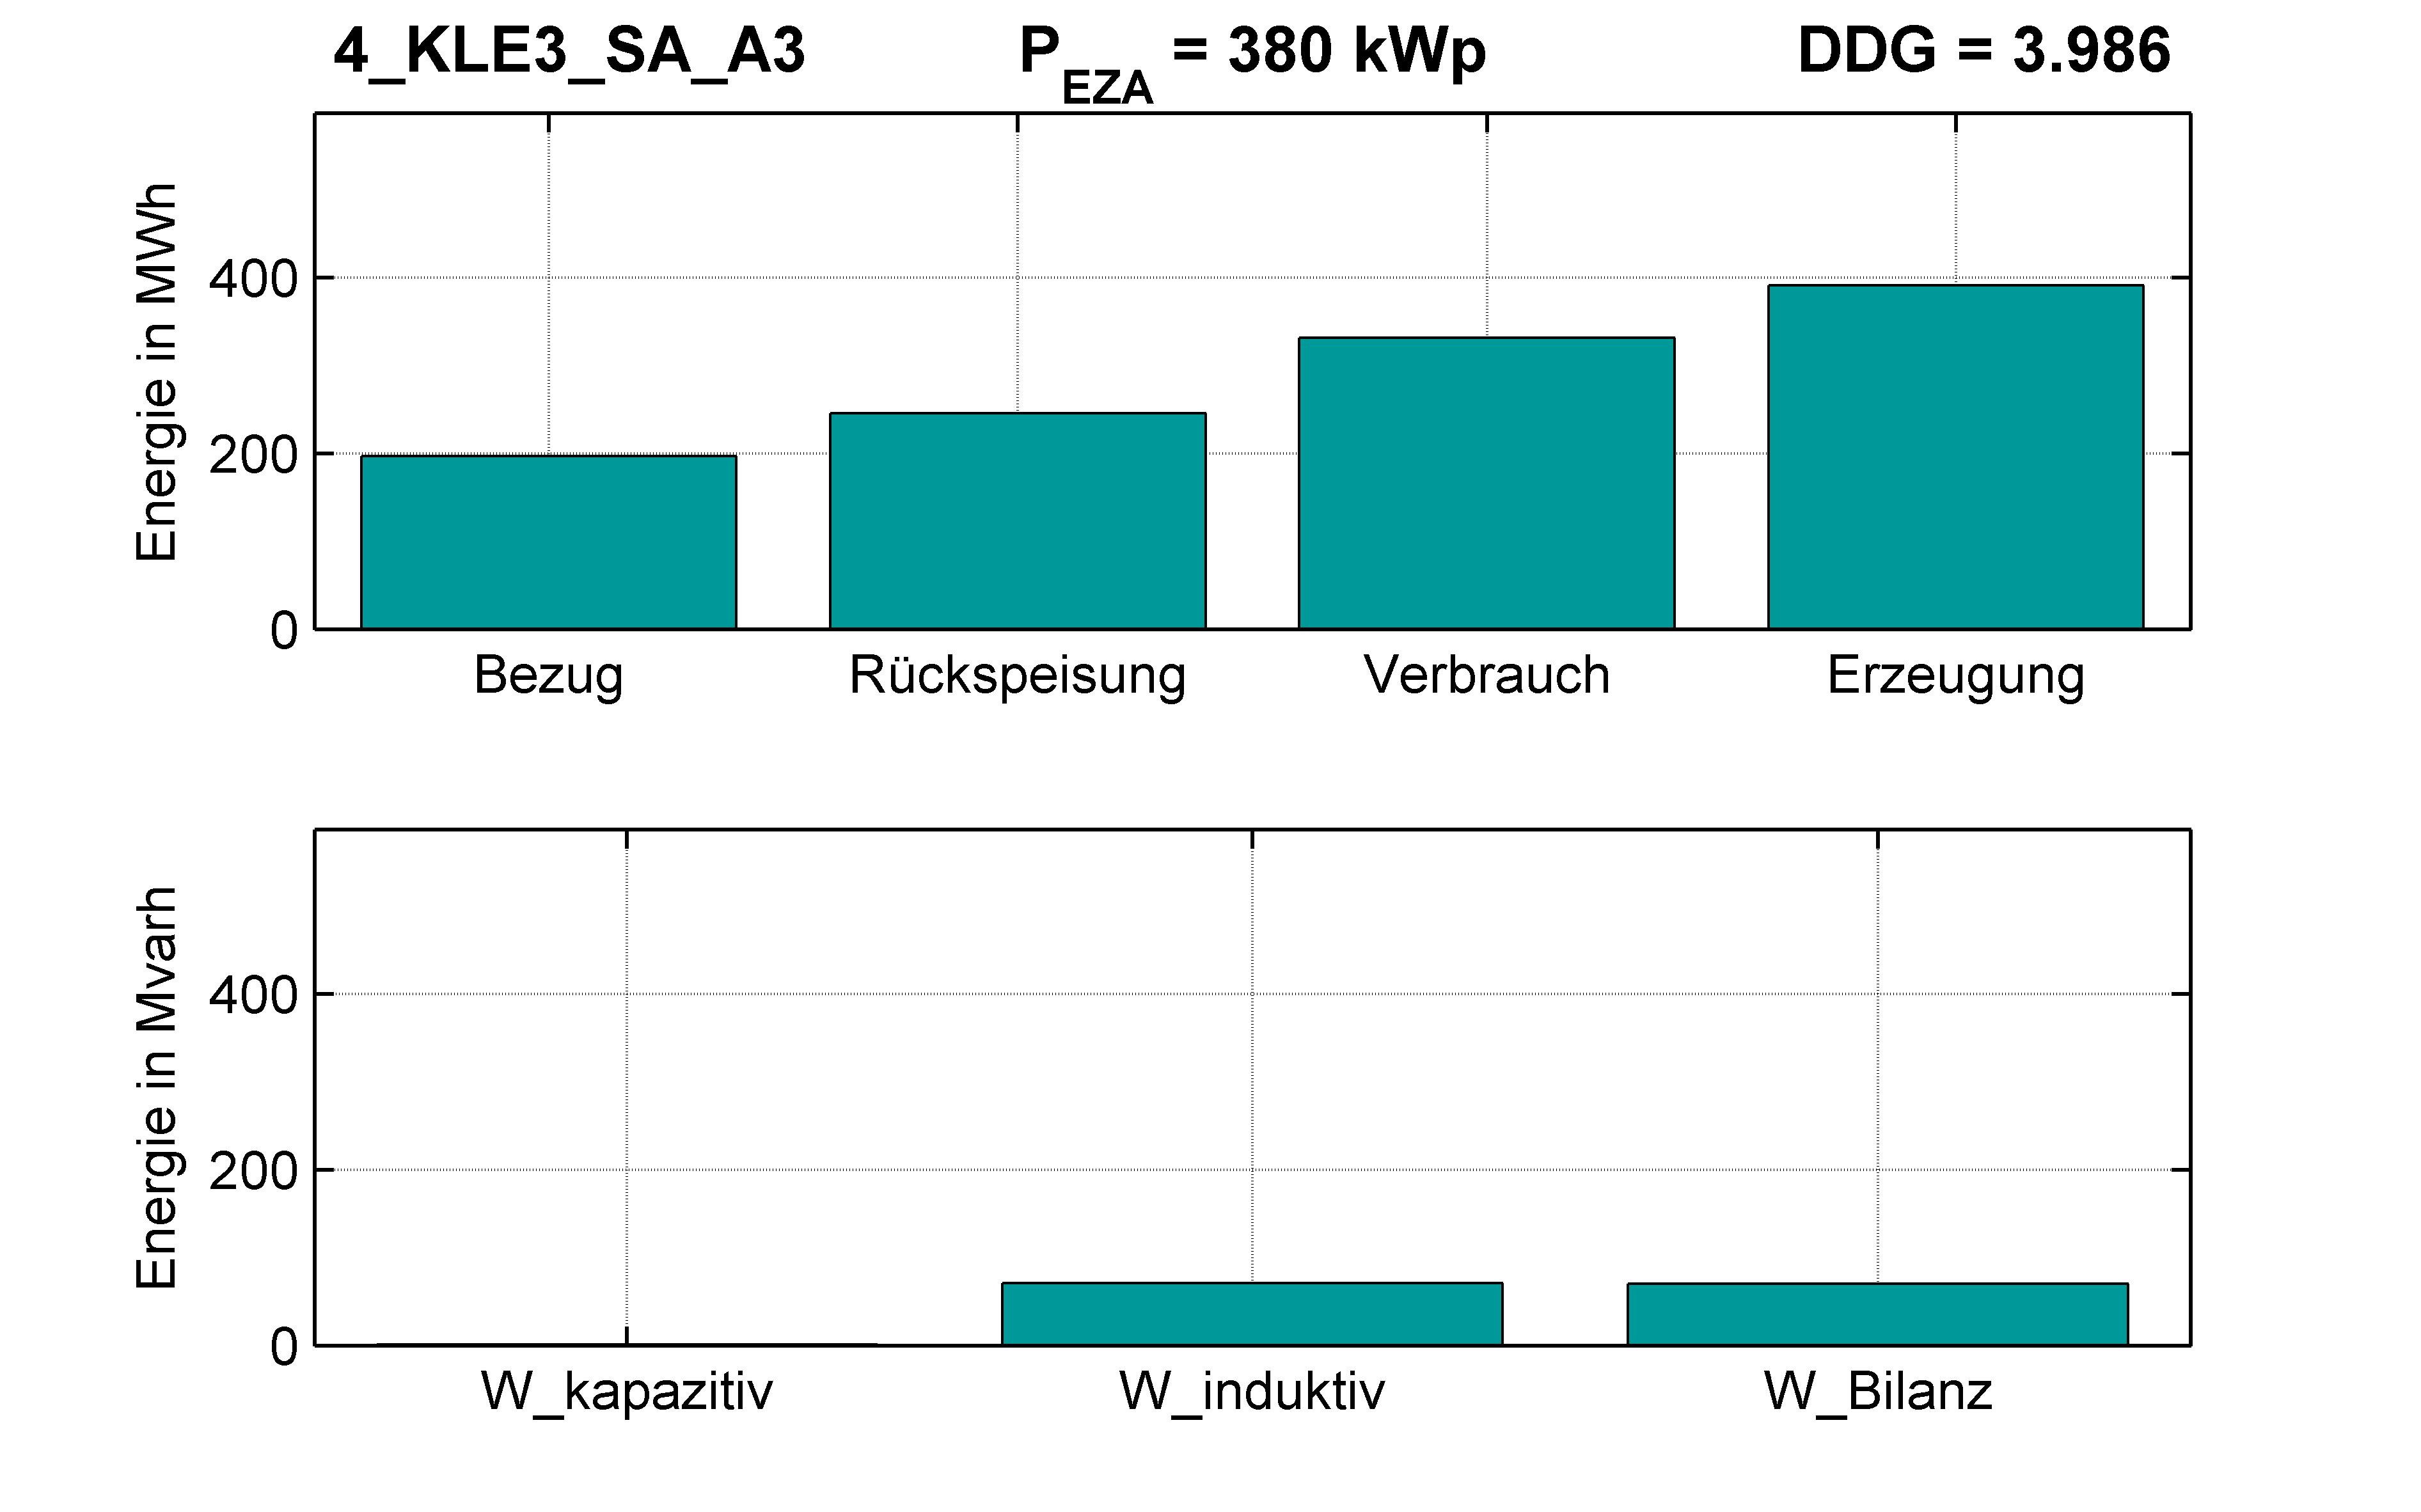 KLE3 | P-Kappung 55% (SA) A3 | PQ-Bilanz